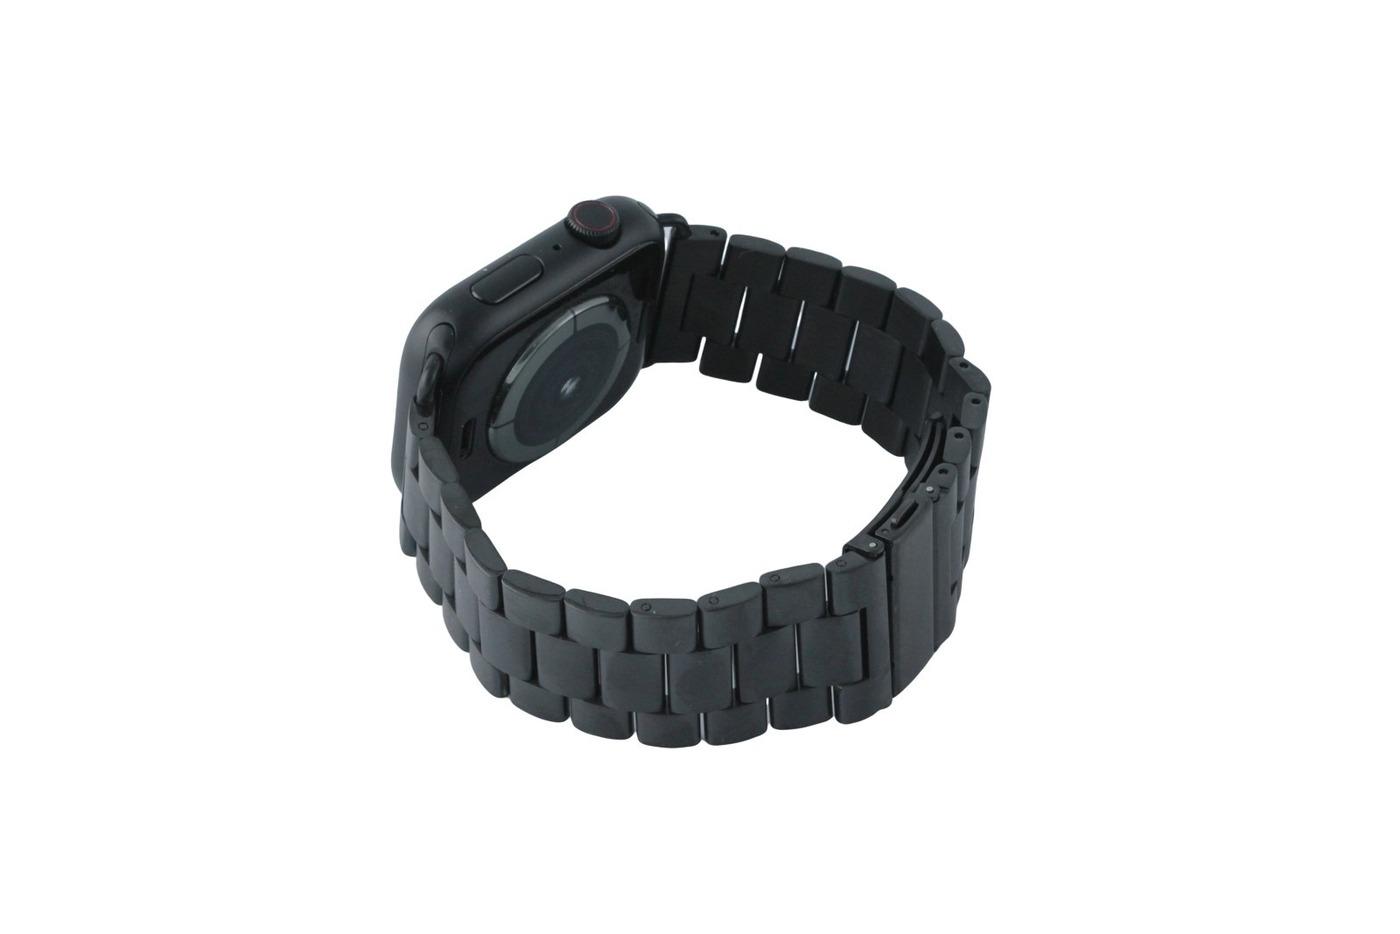 Ремешок металлический блочный для Apple Watch 42/44, черный